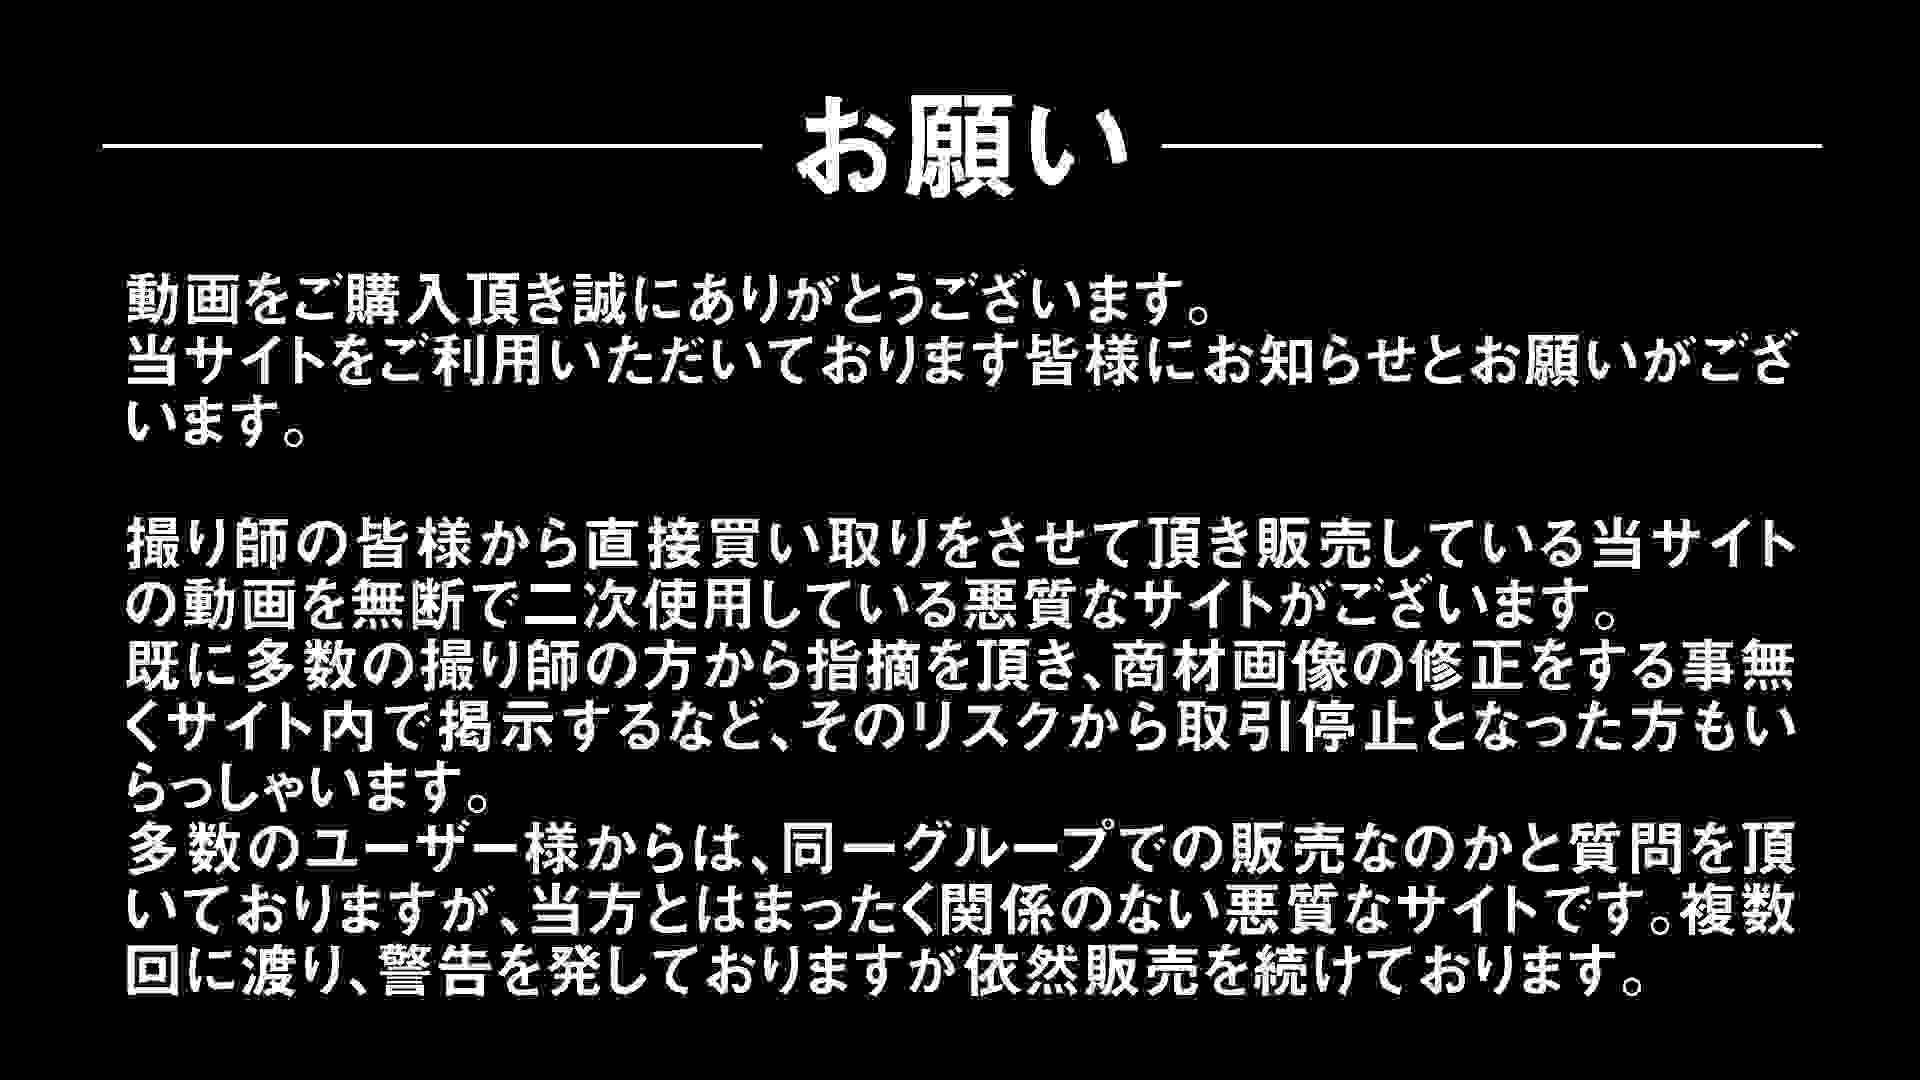 Aquaな露天風呂Vol.301 盗撮動画  9枚 2